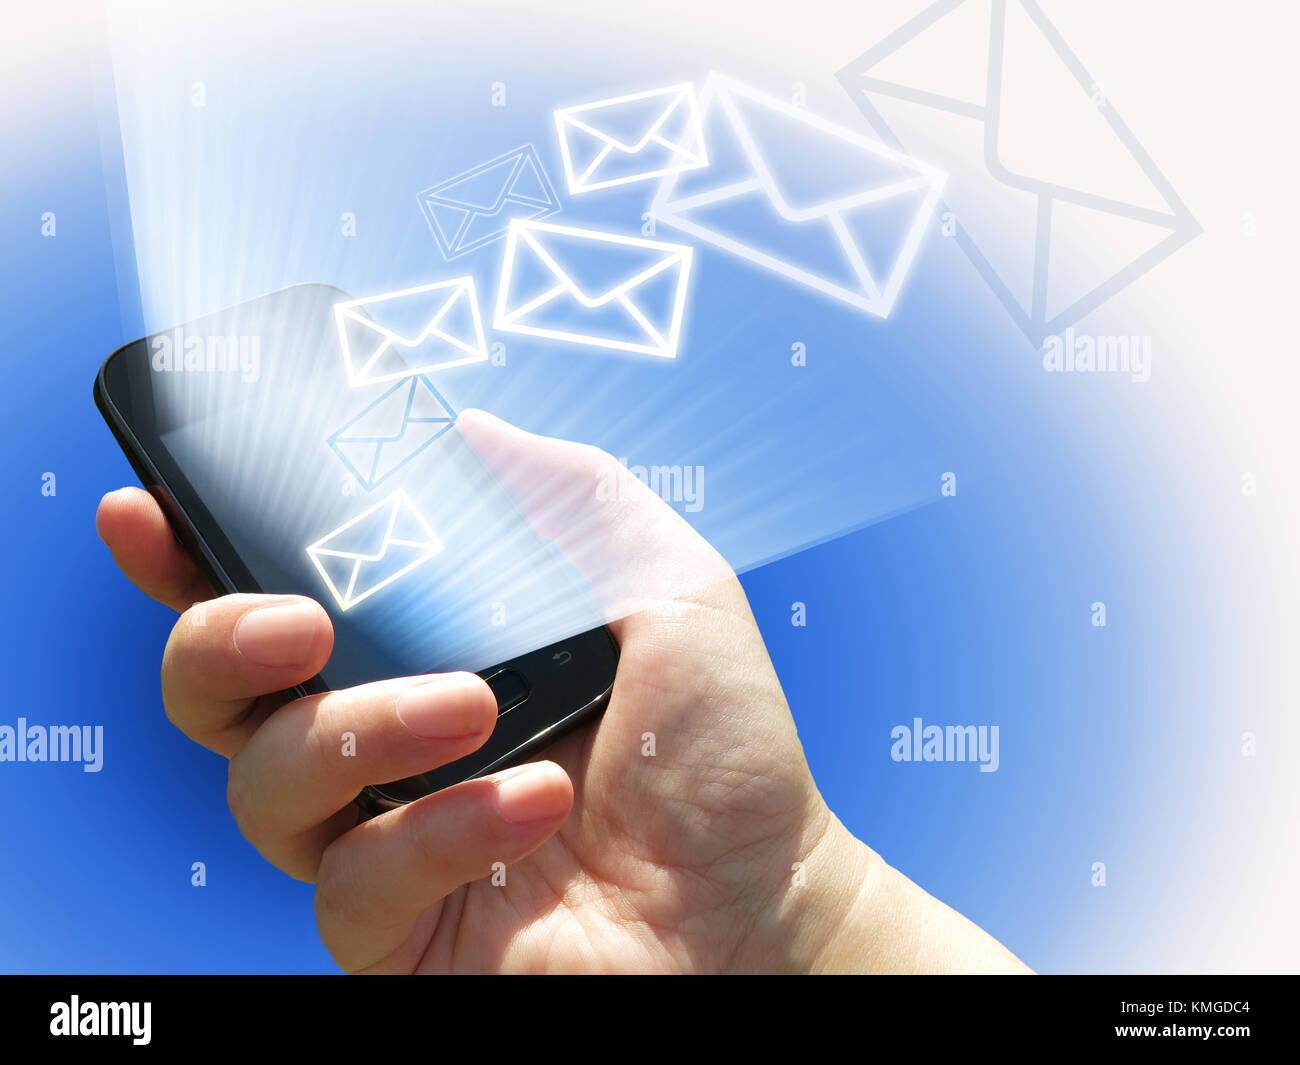 La comunicazione elettronica - invio di messaggi di posta elettronica da un telefono cellulare - mano con lo smartphone Immagini Stock